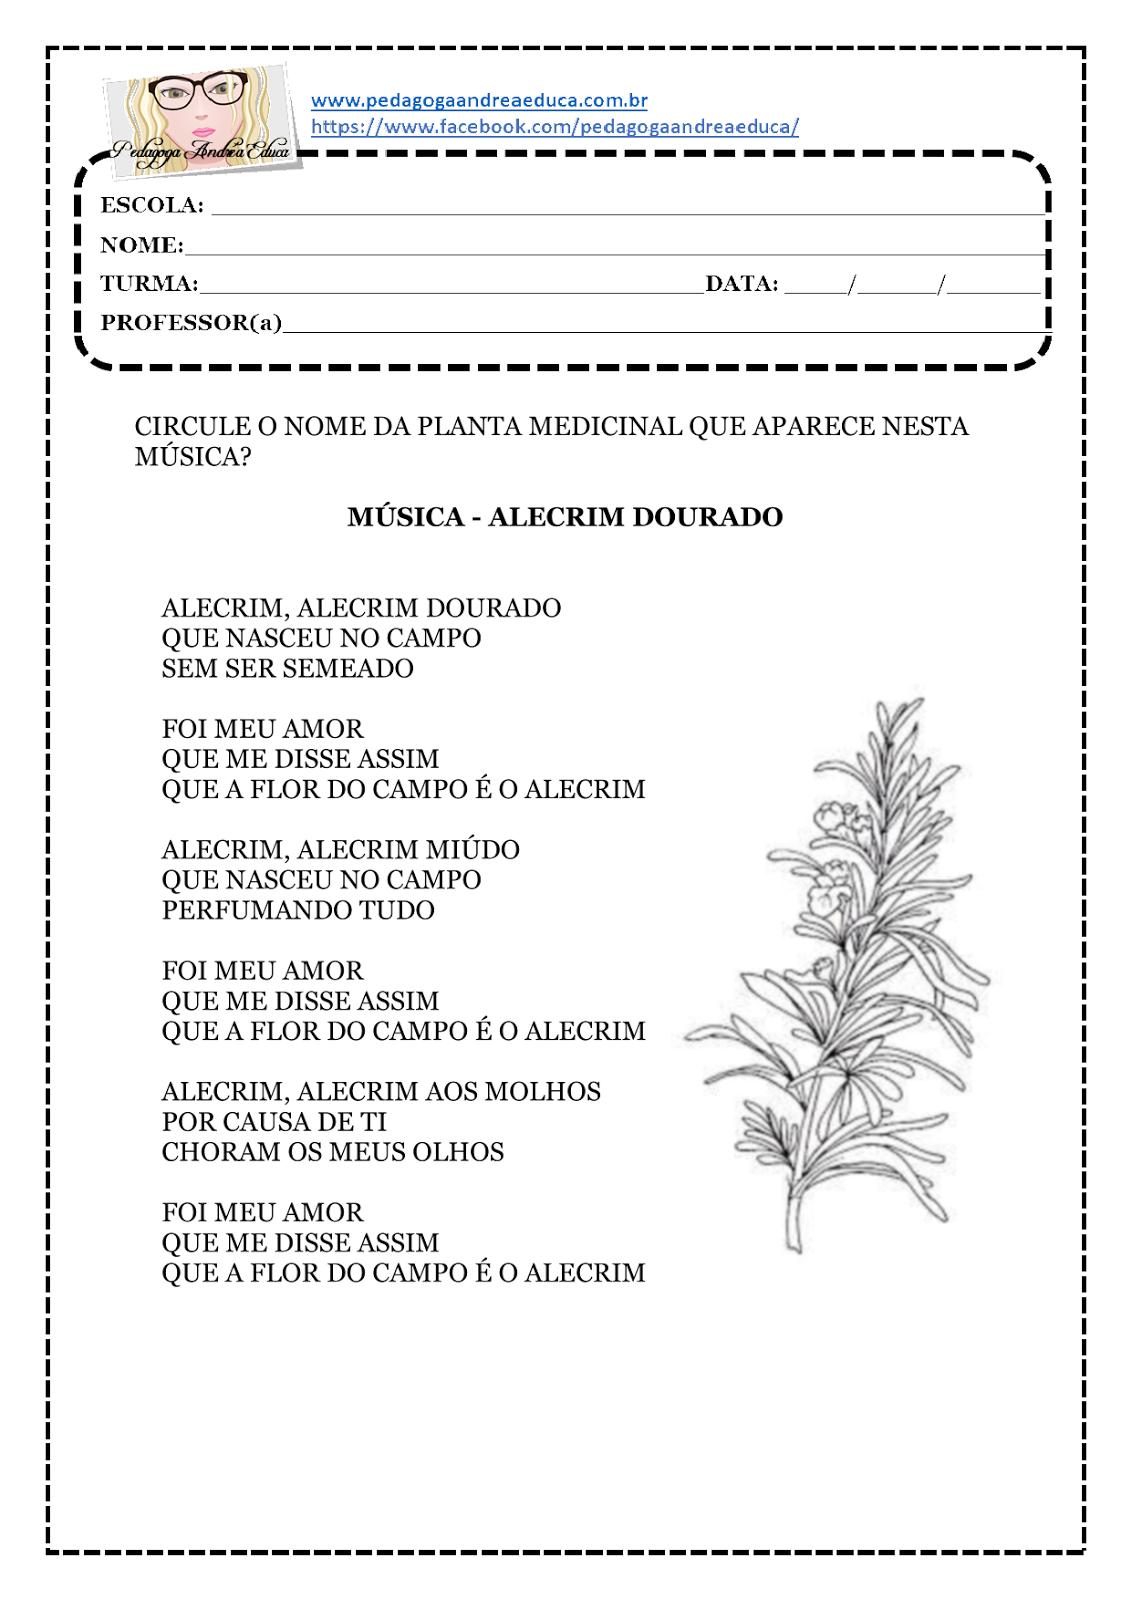 DOURADO PARA ALECRIM BAIXAR MUSICA